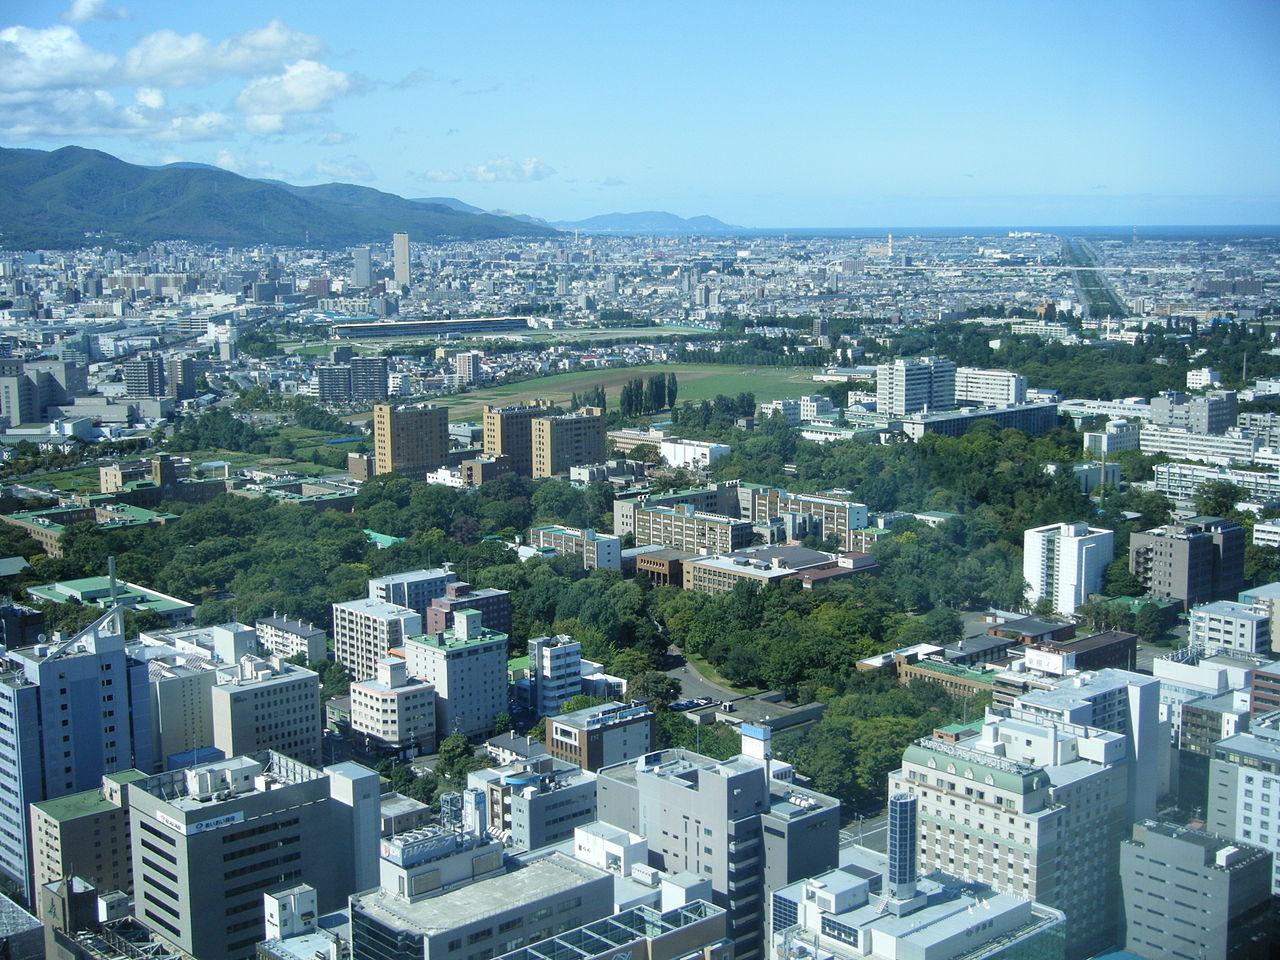 10 เมืองหลักที่น่าเที่ยวของญี่ปุ่น-ซัปโปโร่